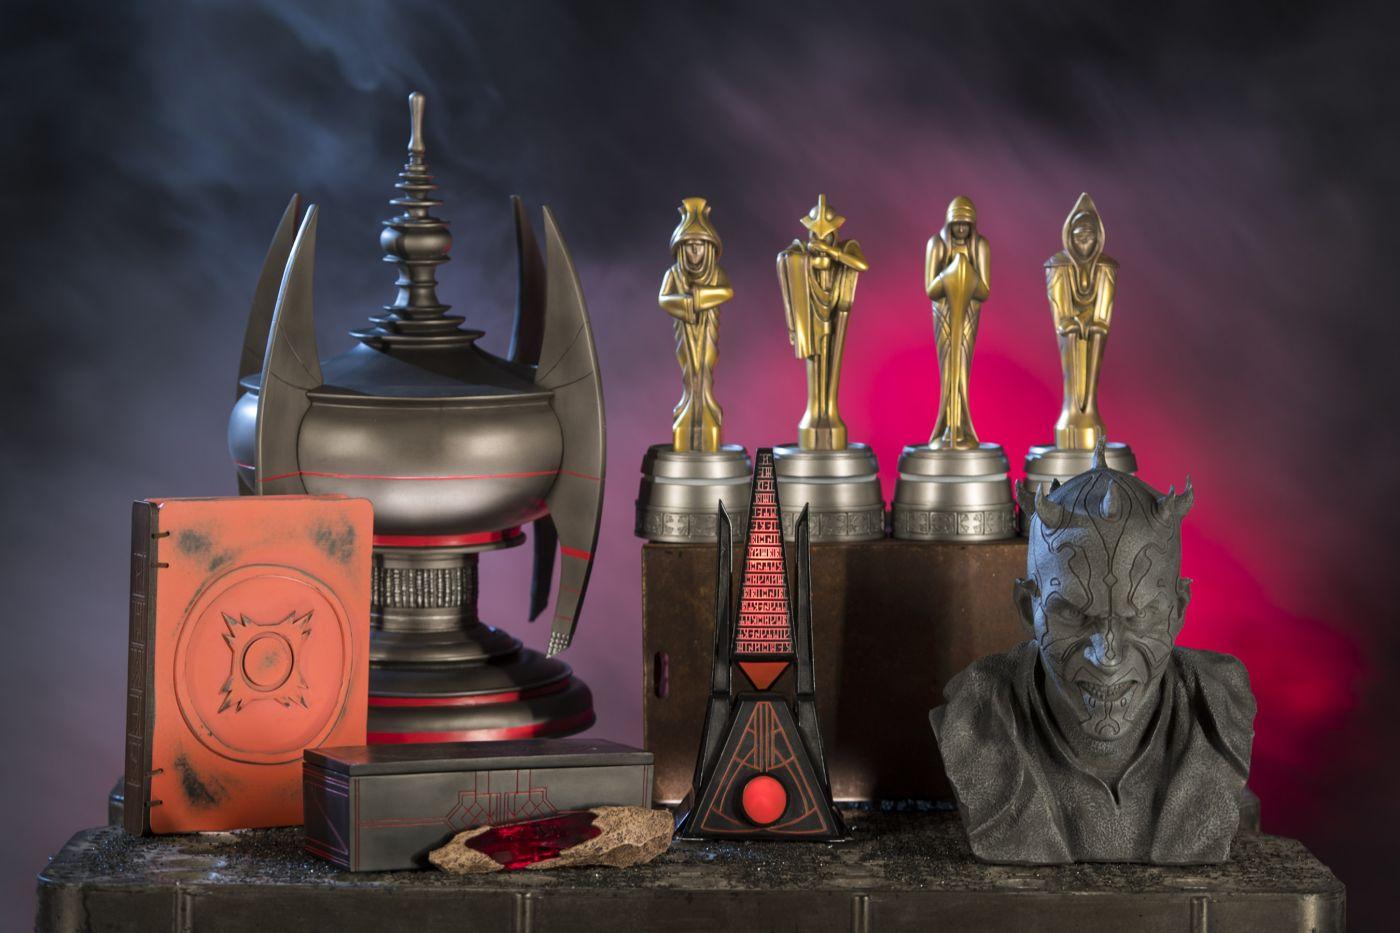 Akad itt pár mágikus Sith-tárgy is a Sötét Oldal kedvelői számára.